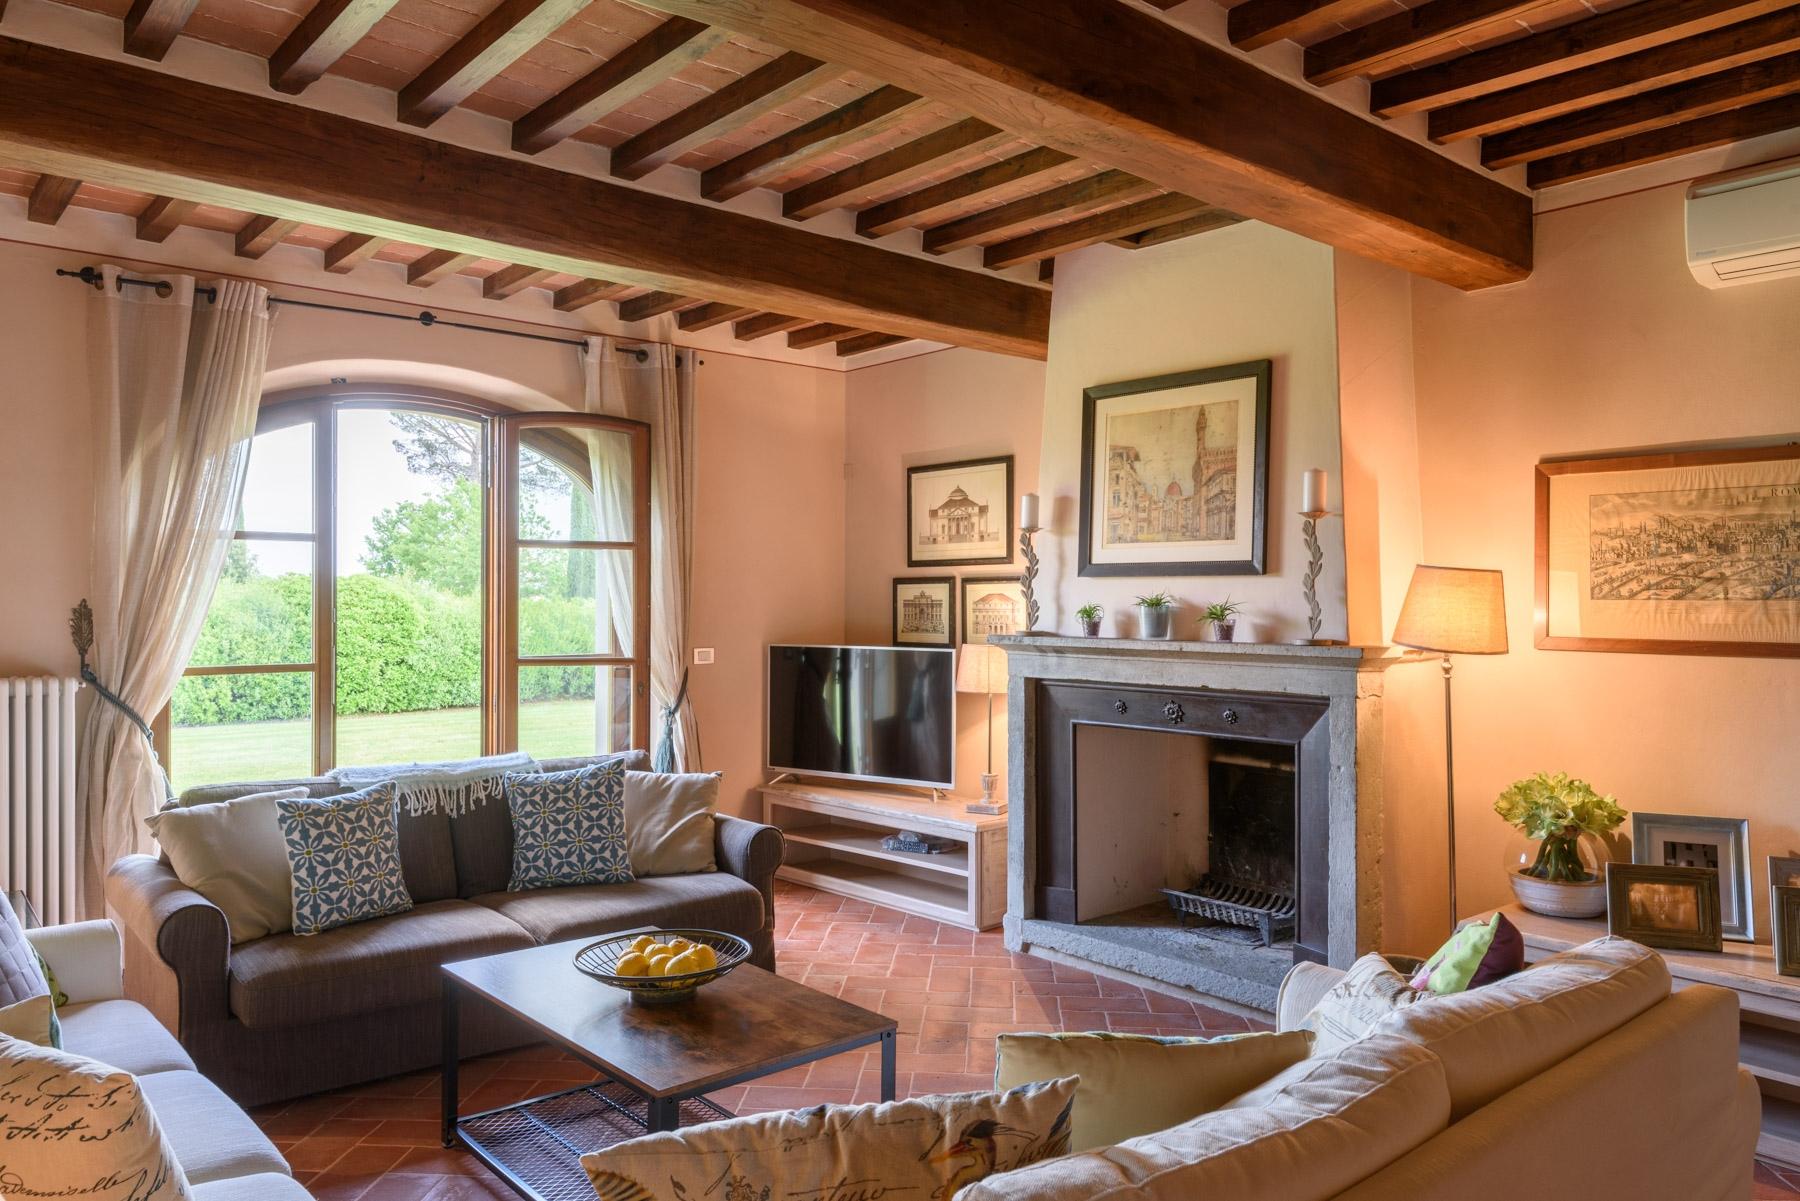 Villa in Vendita a Cortona: 5 locali, 246 mq - Foto 1